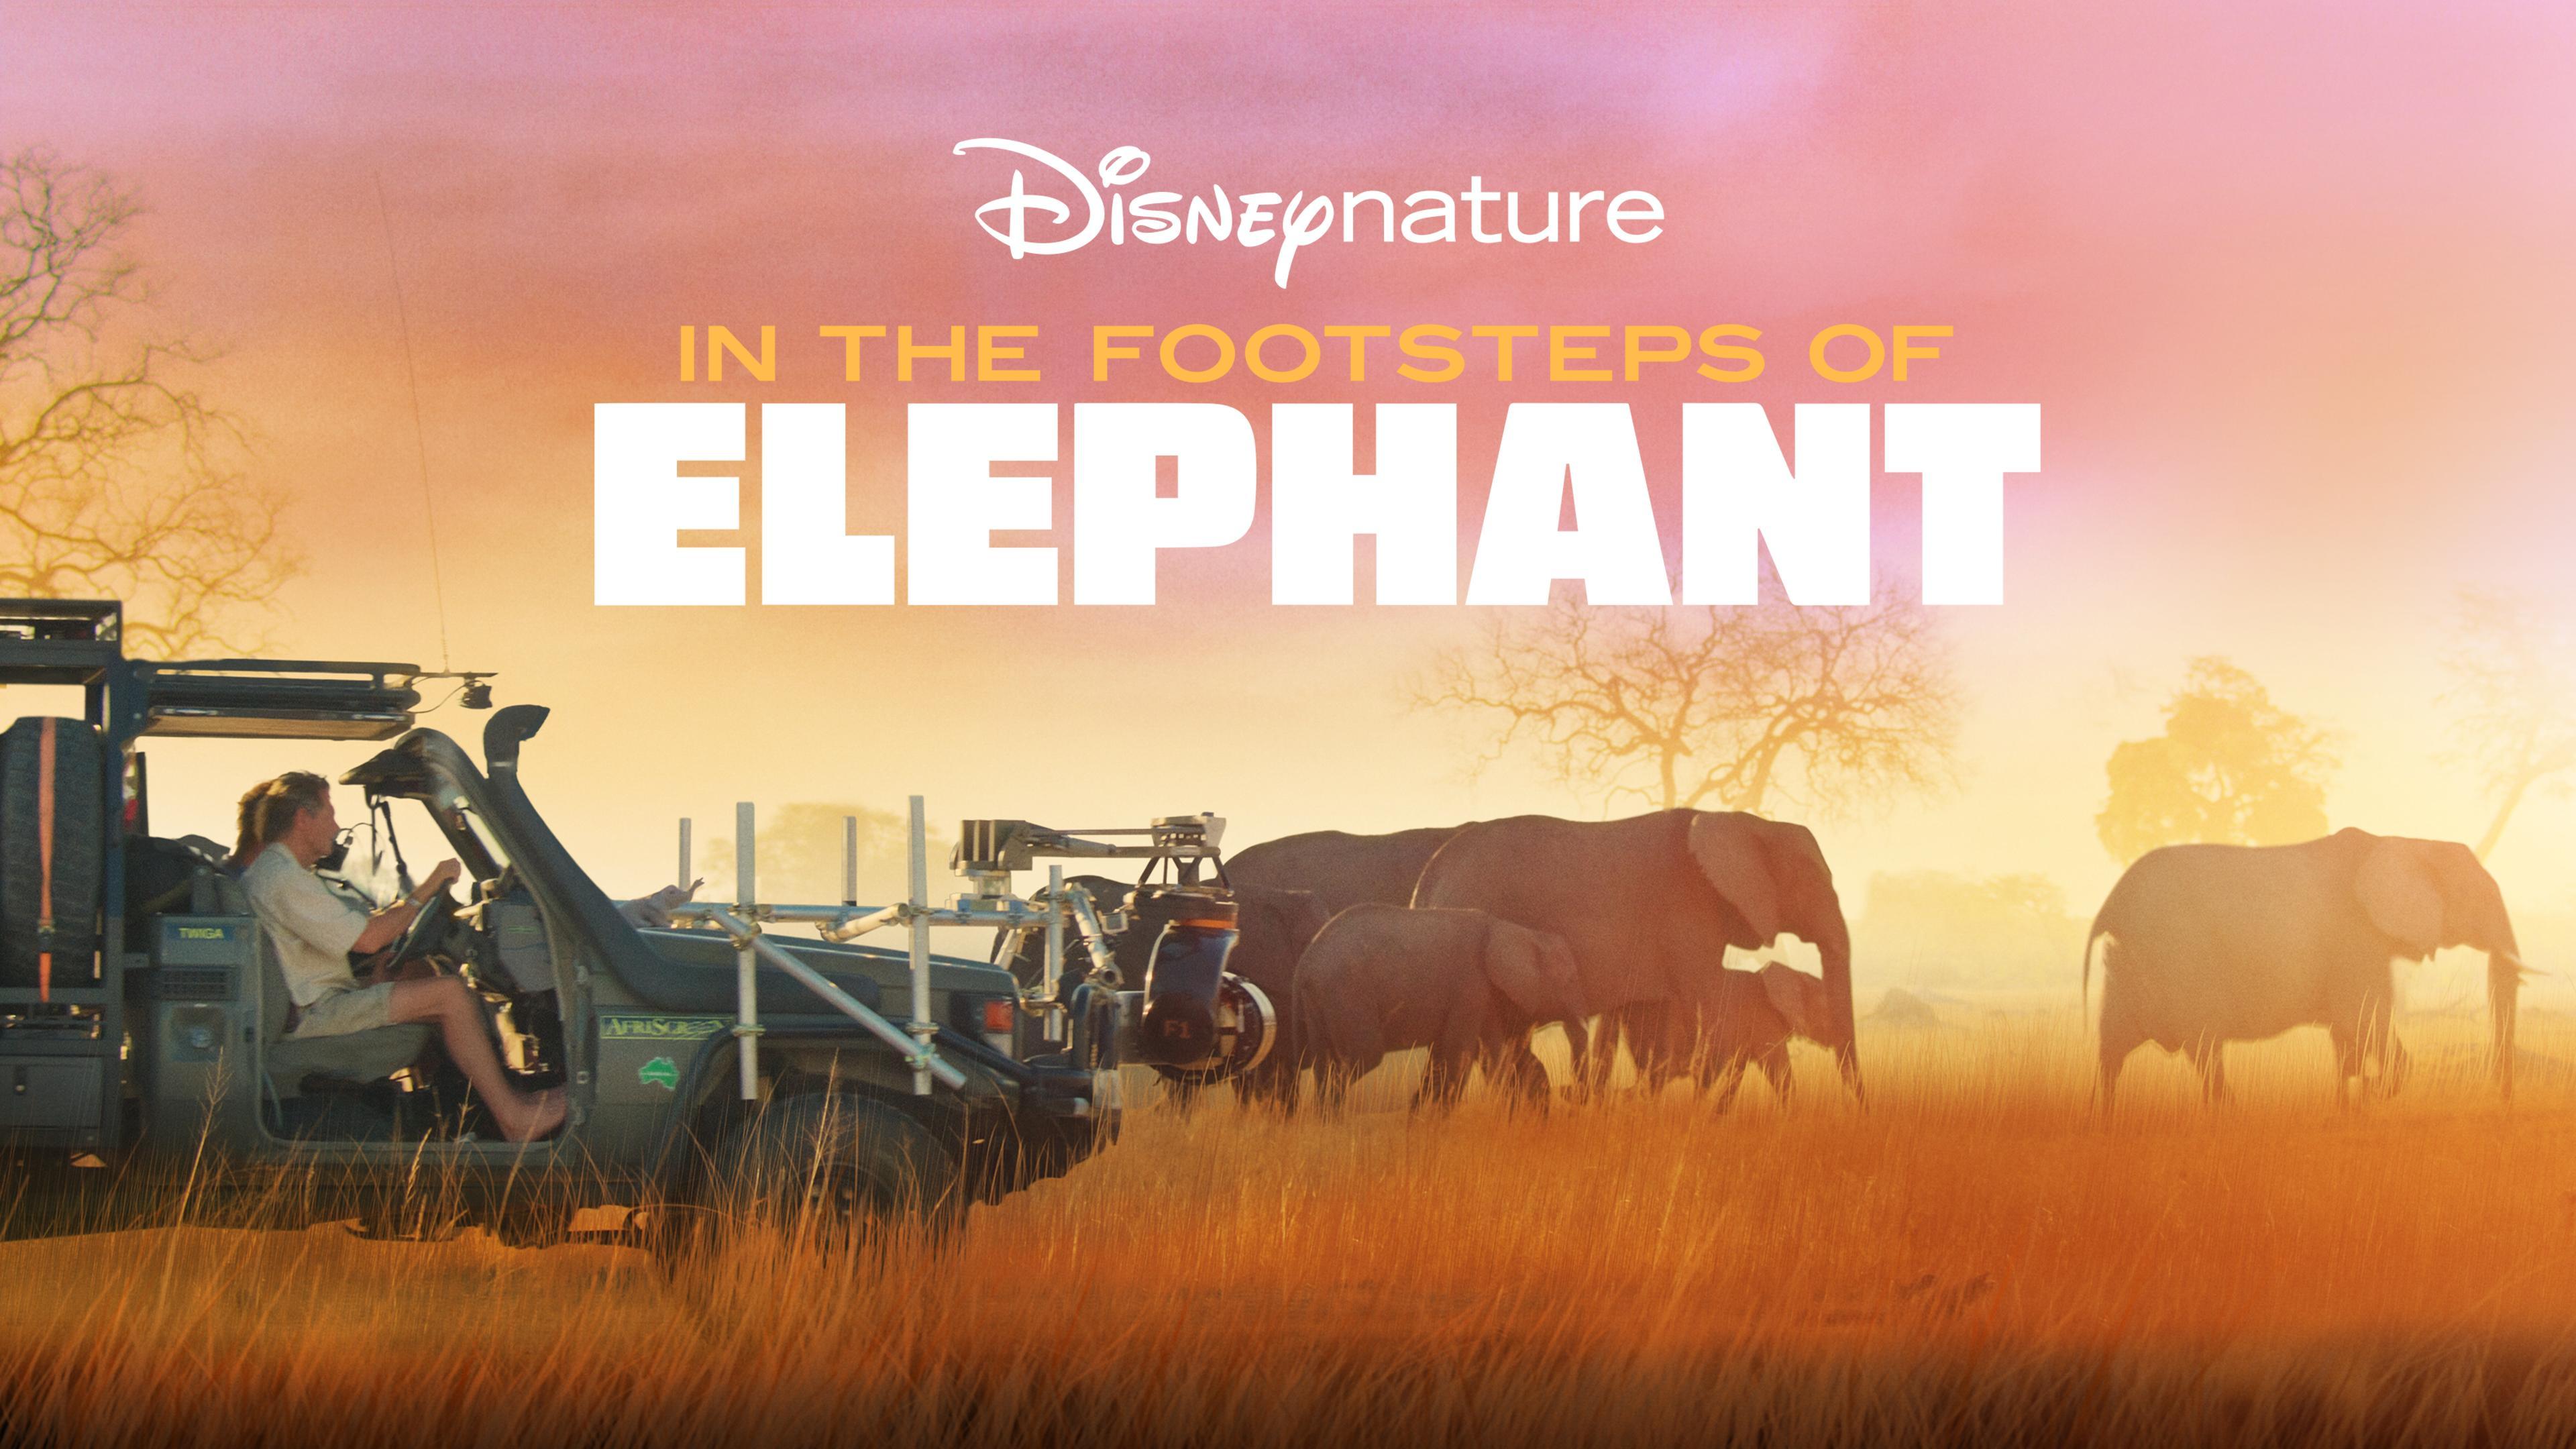 همگام با فیل ها (مستند)